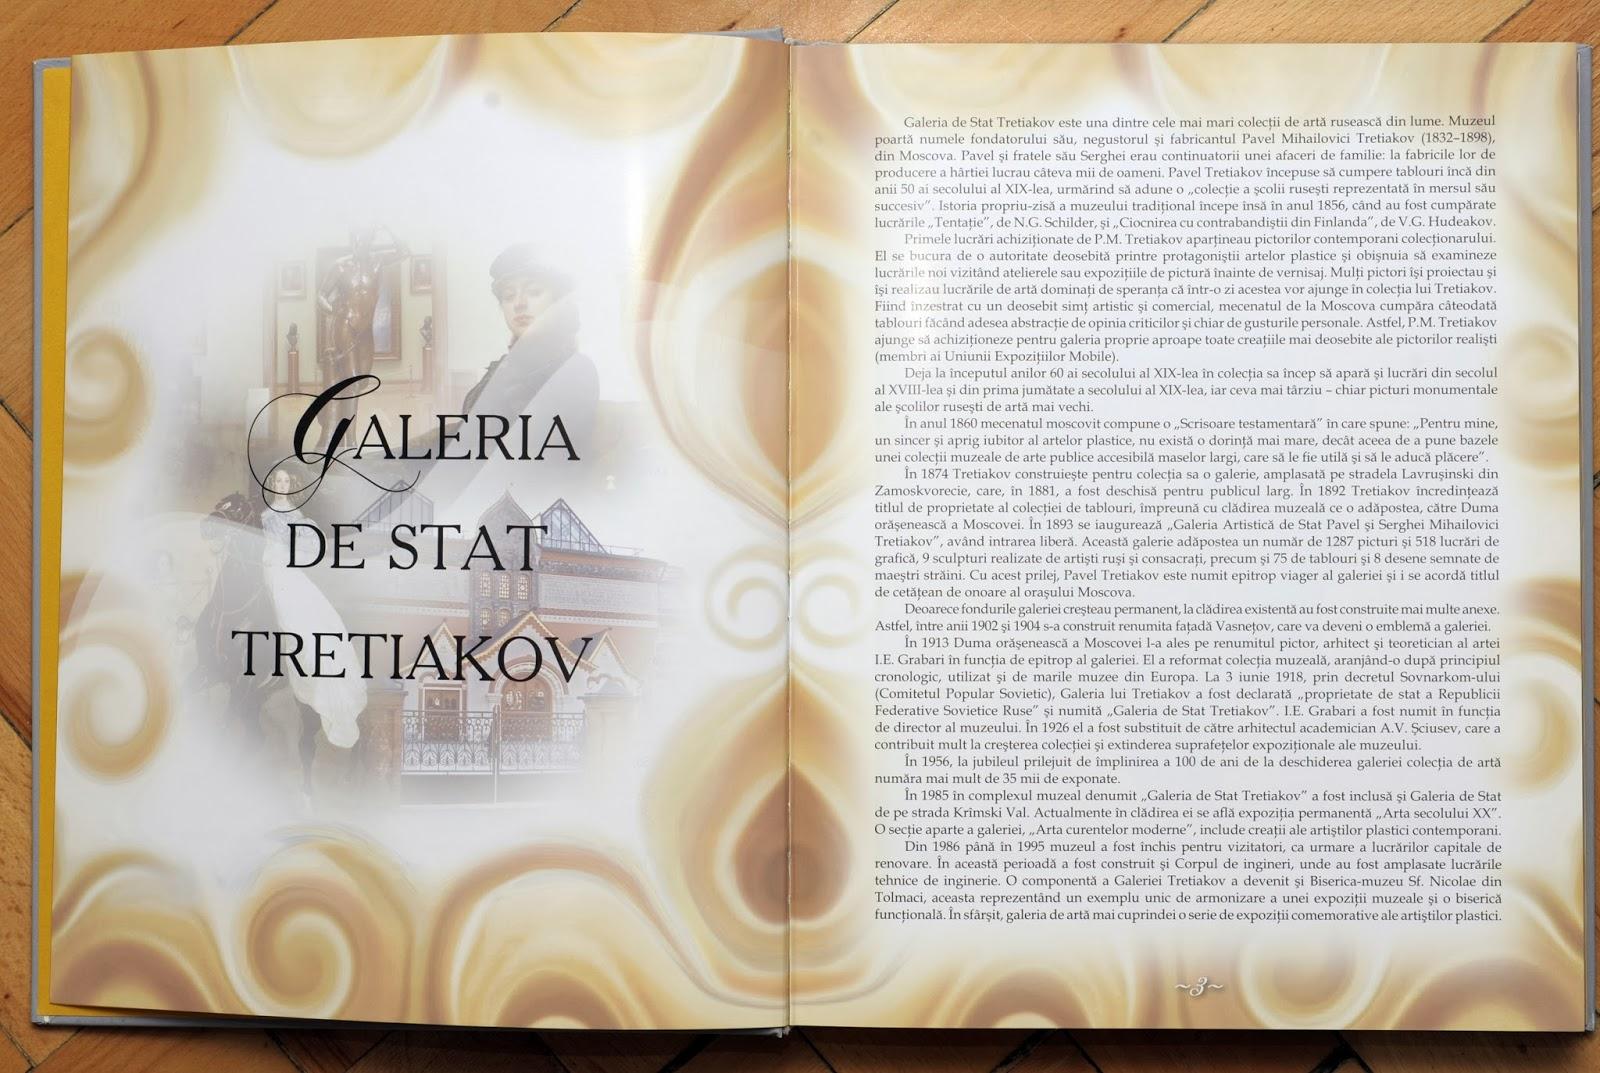 Galeria de stat Tretiakov